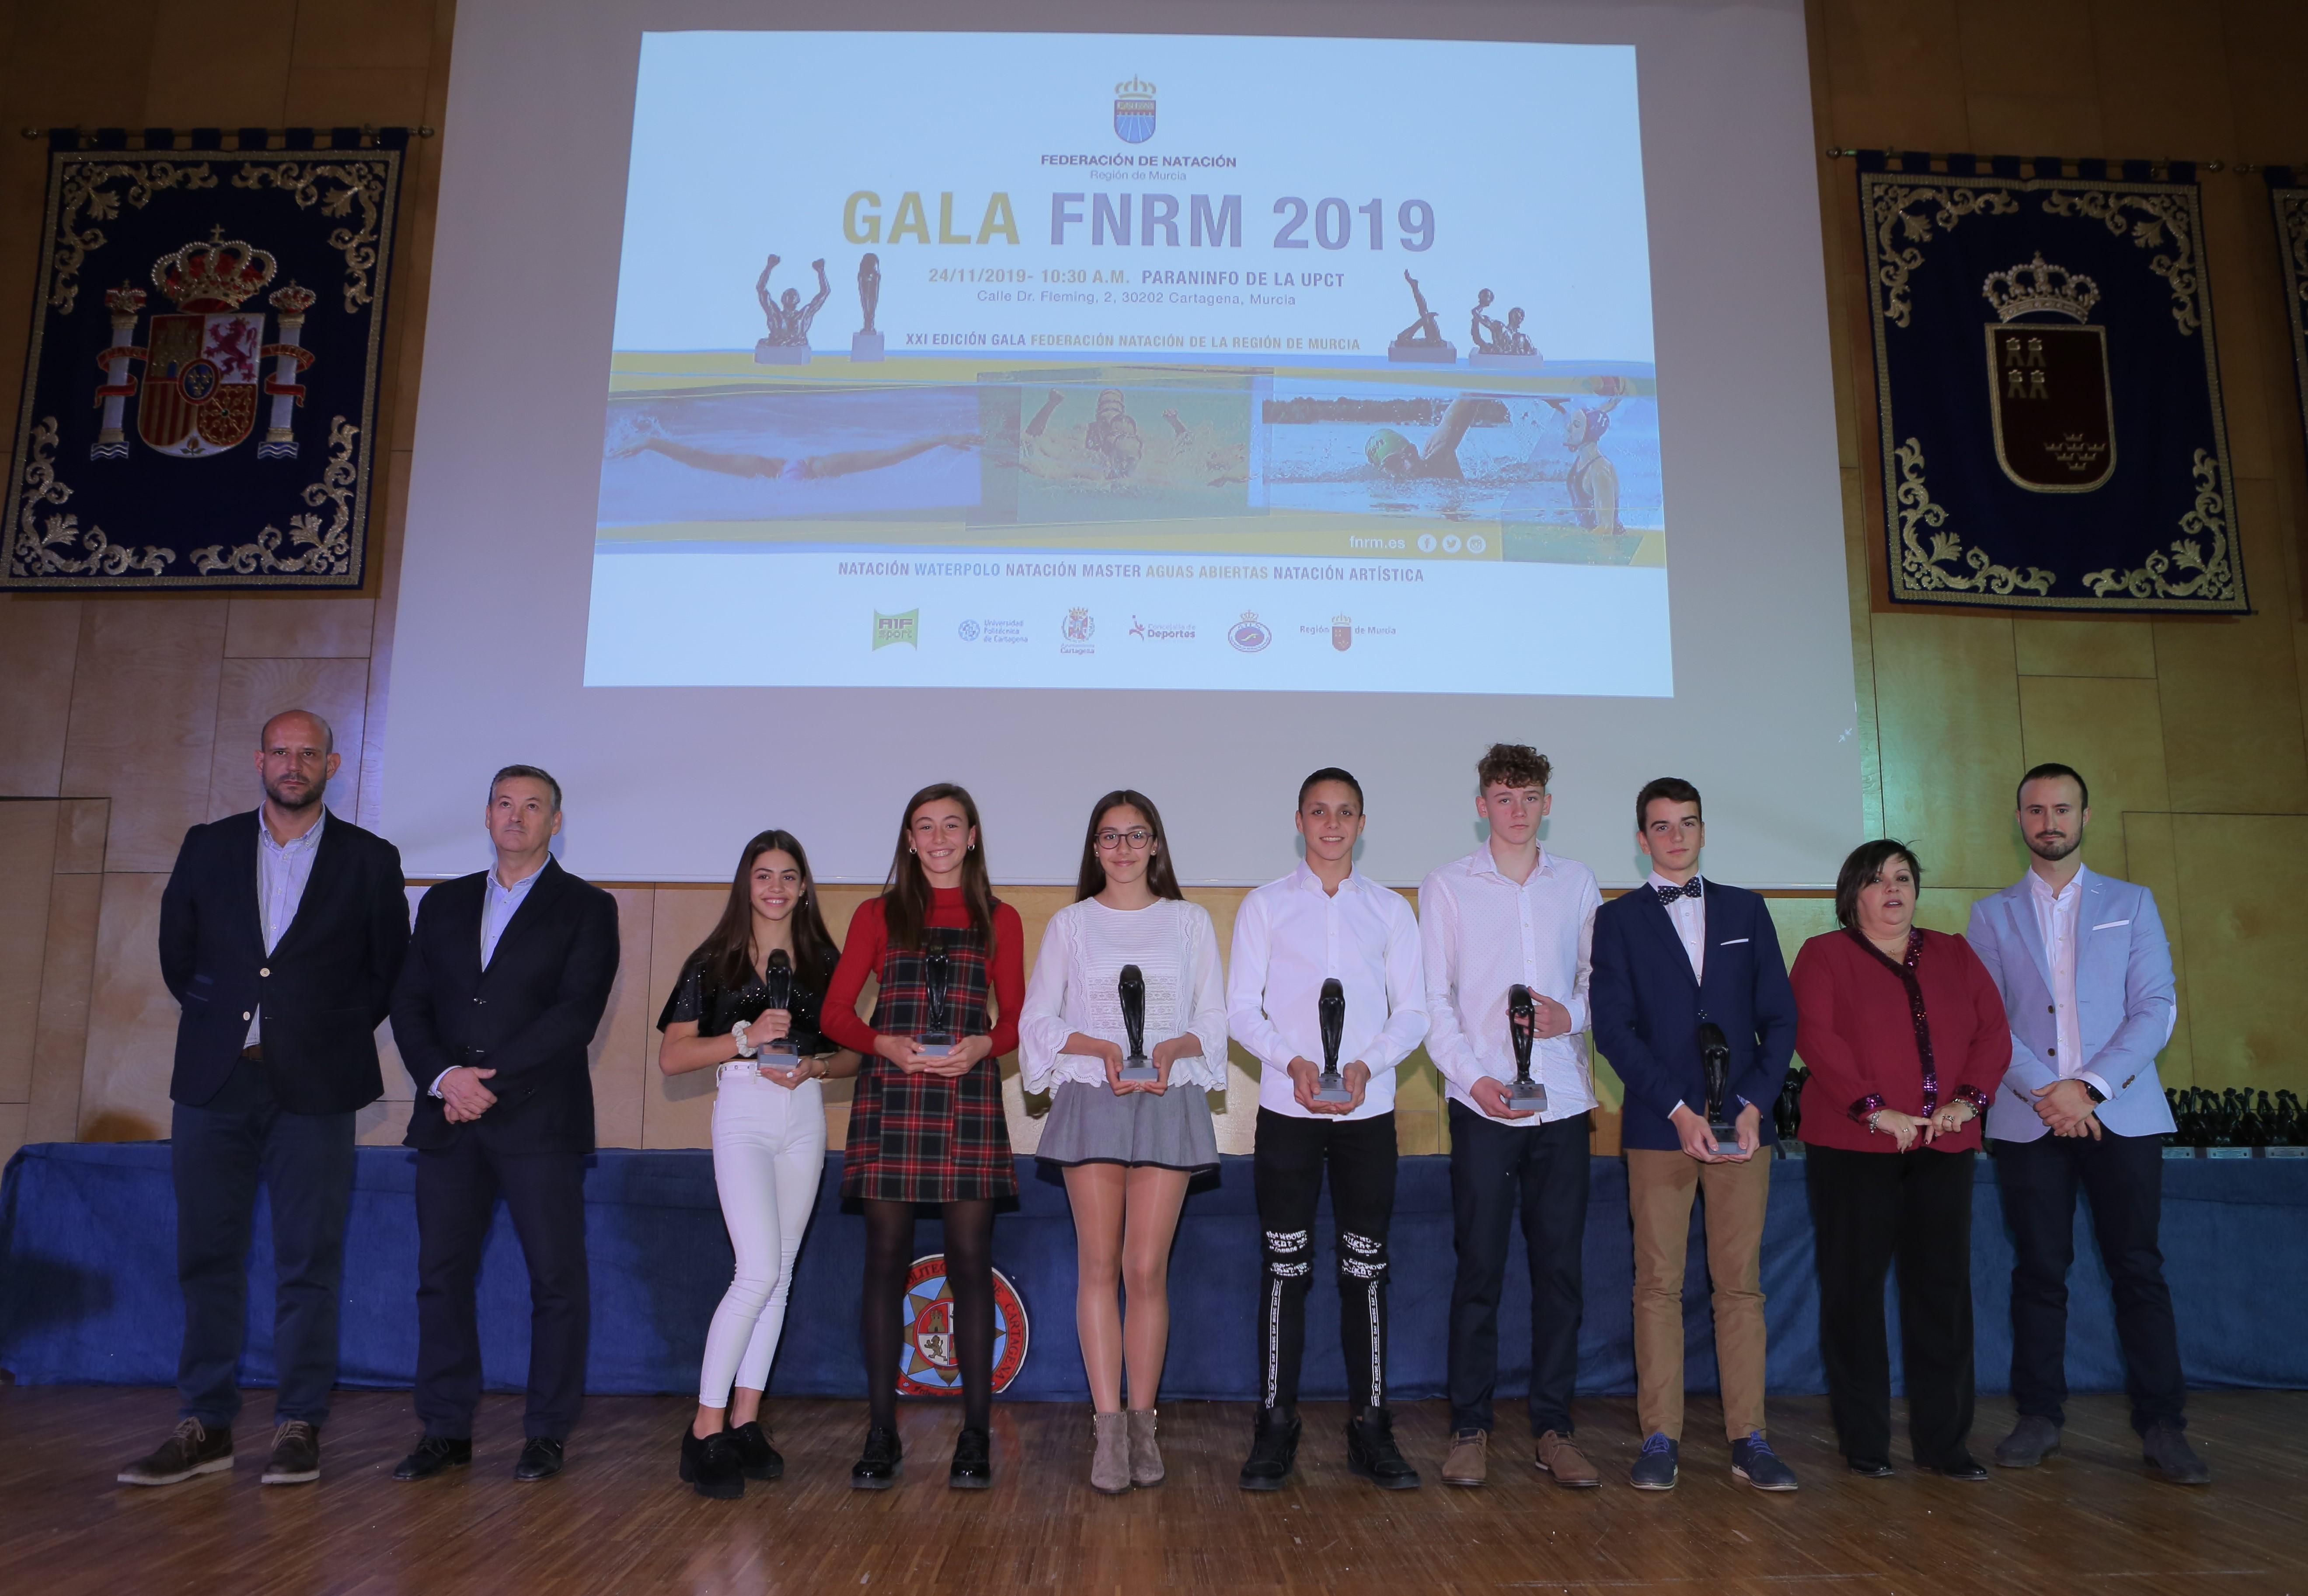 GALA FNRM 2019 (56)